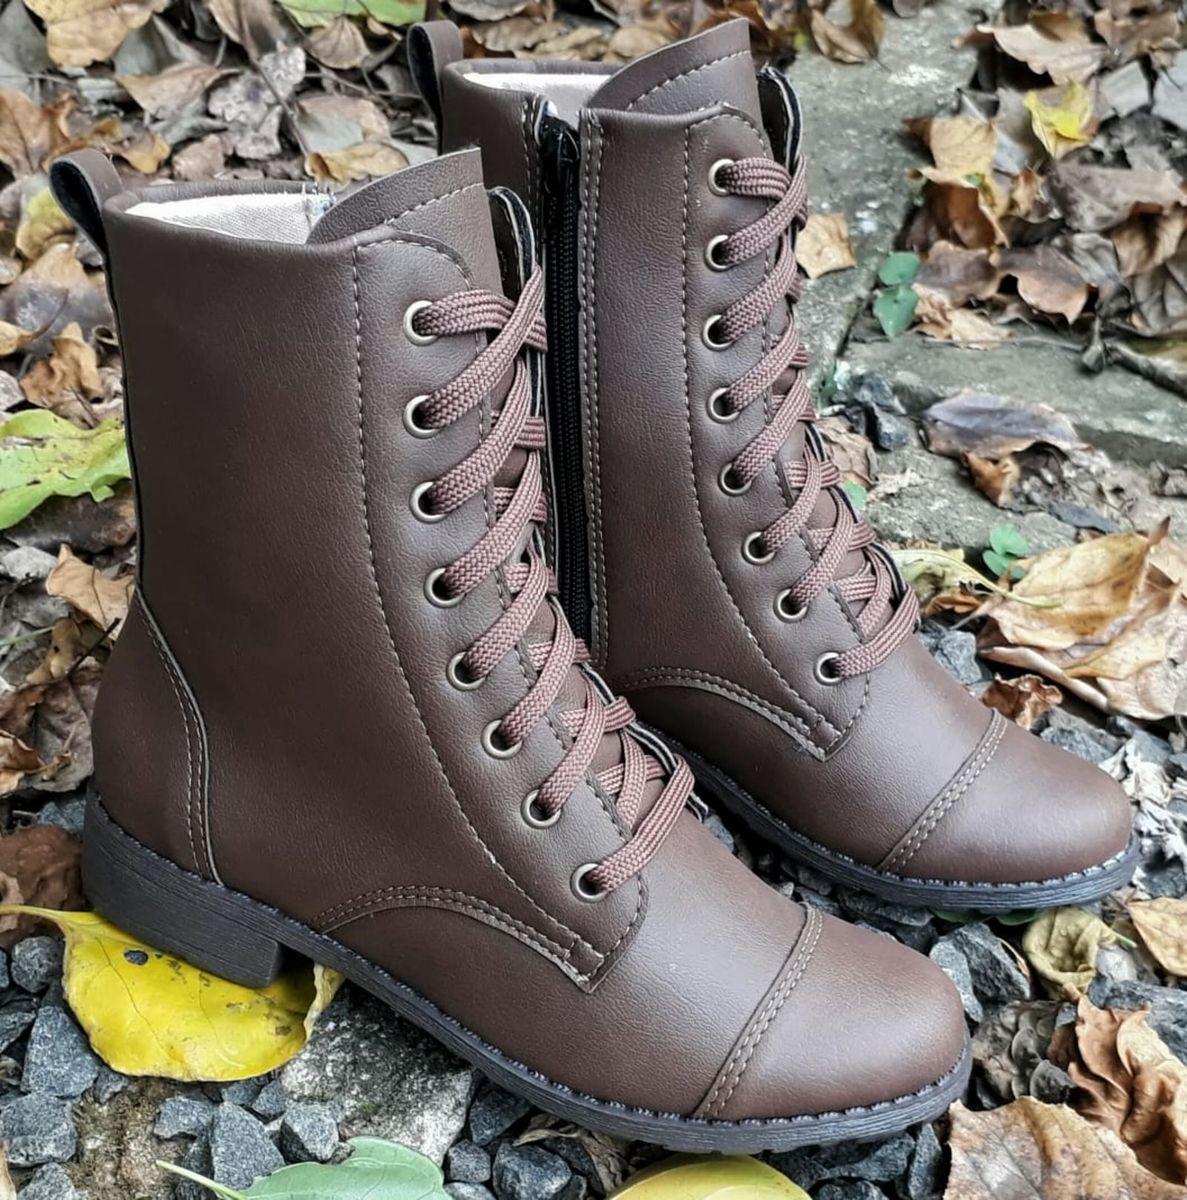 963bf3c088 coturno café cano médio salto baixo 38 - botas diva sapatilhas